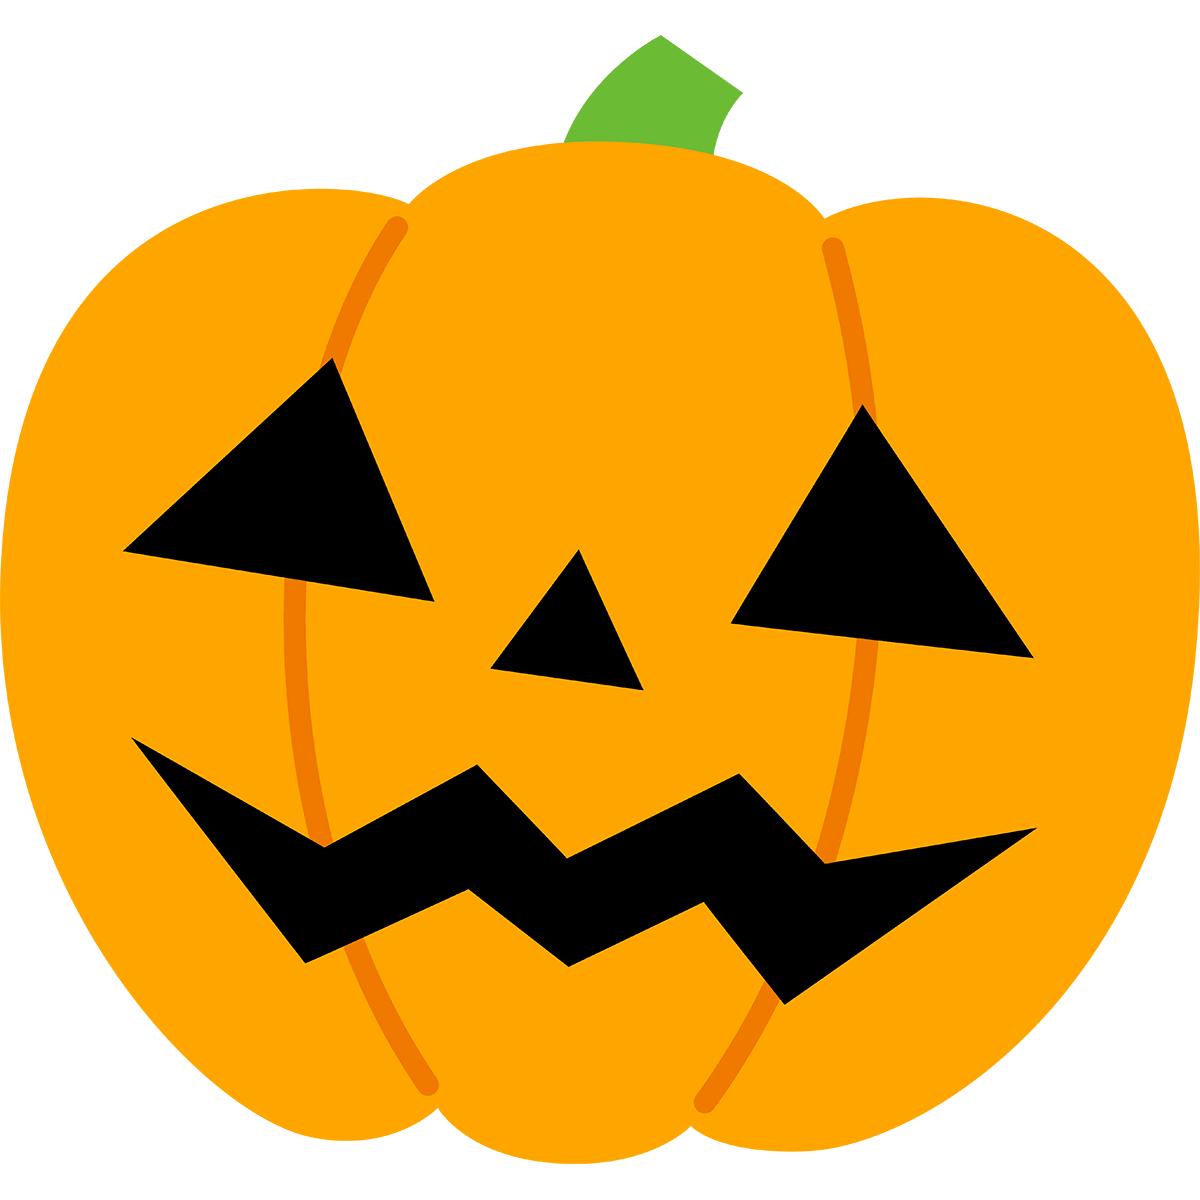 ハロウィンかぼちゃの無料イラスト